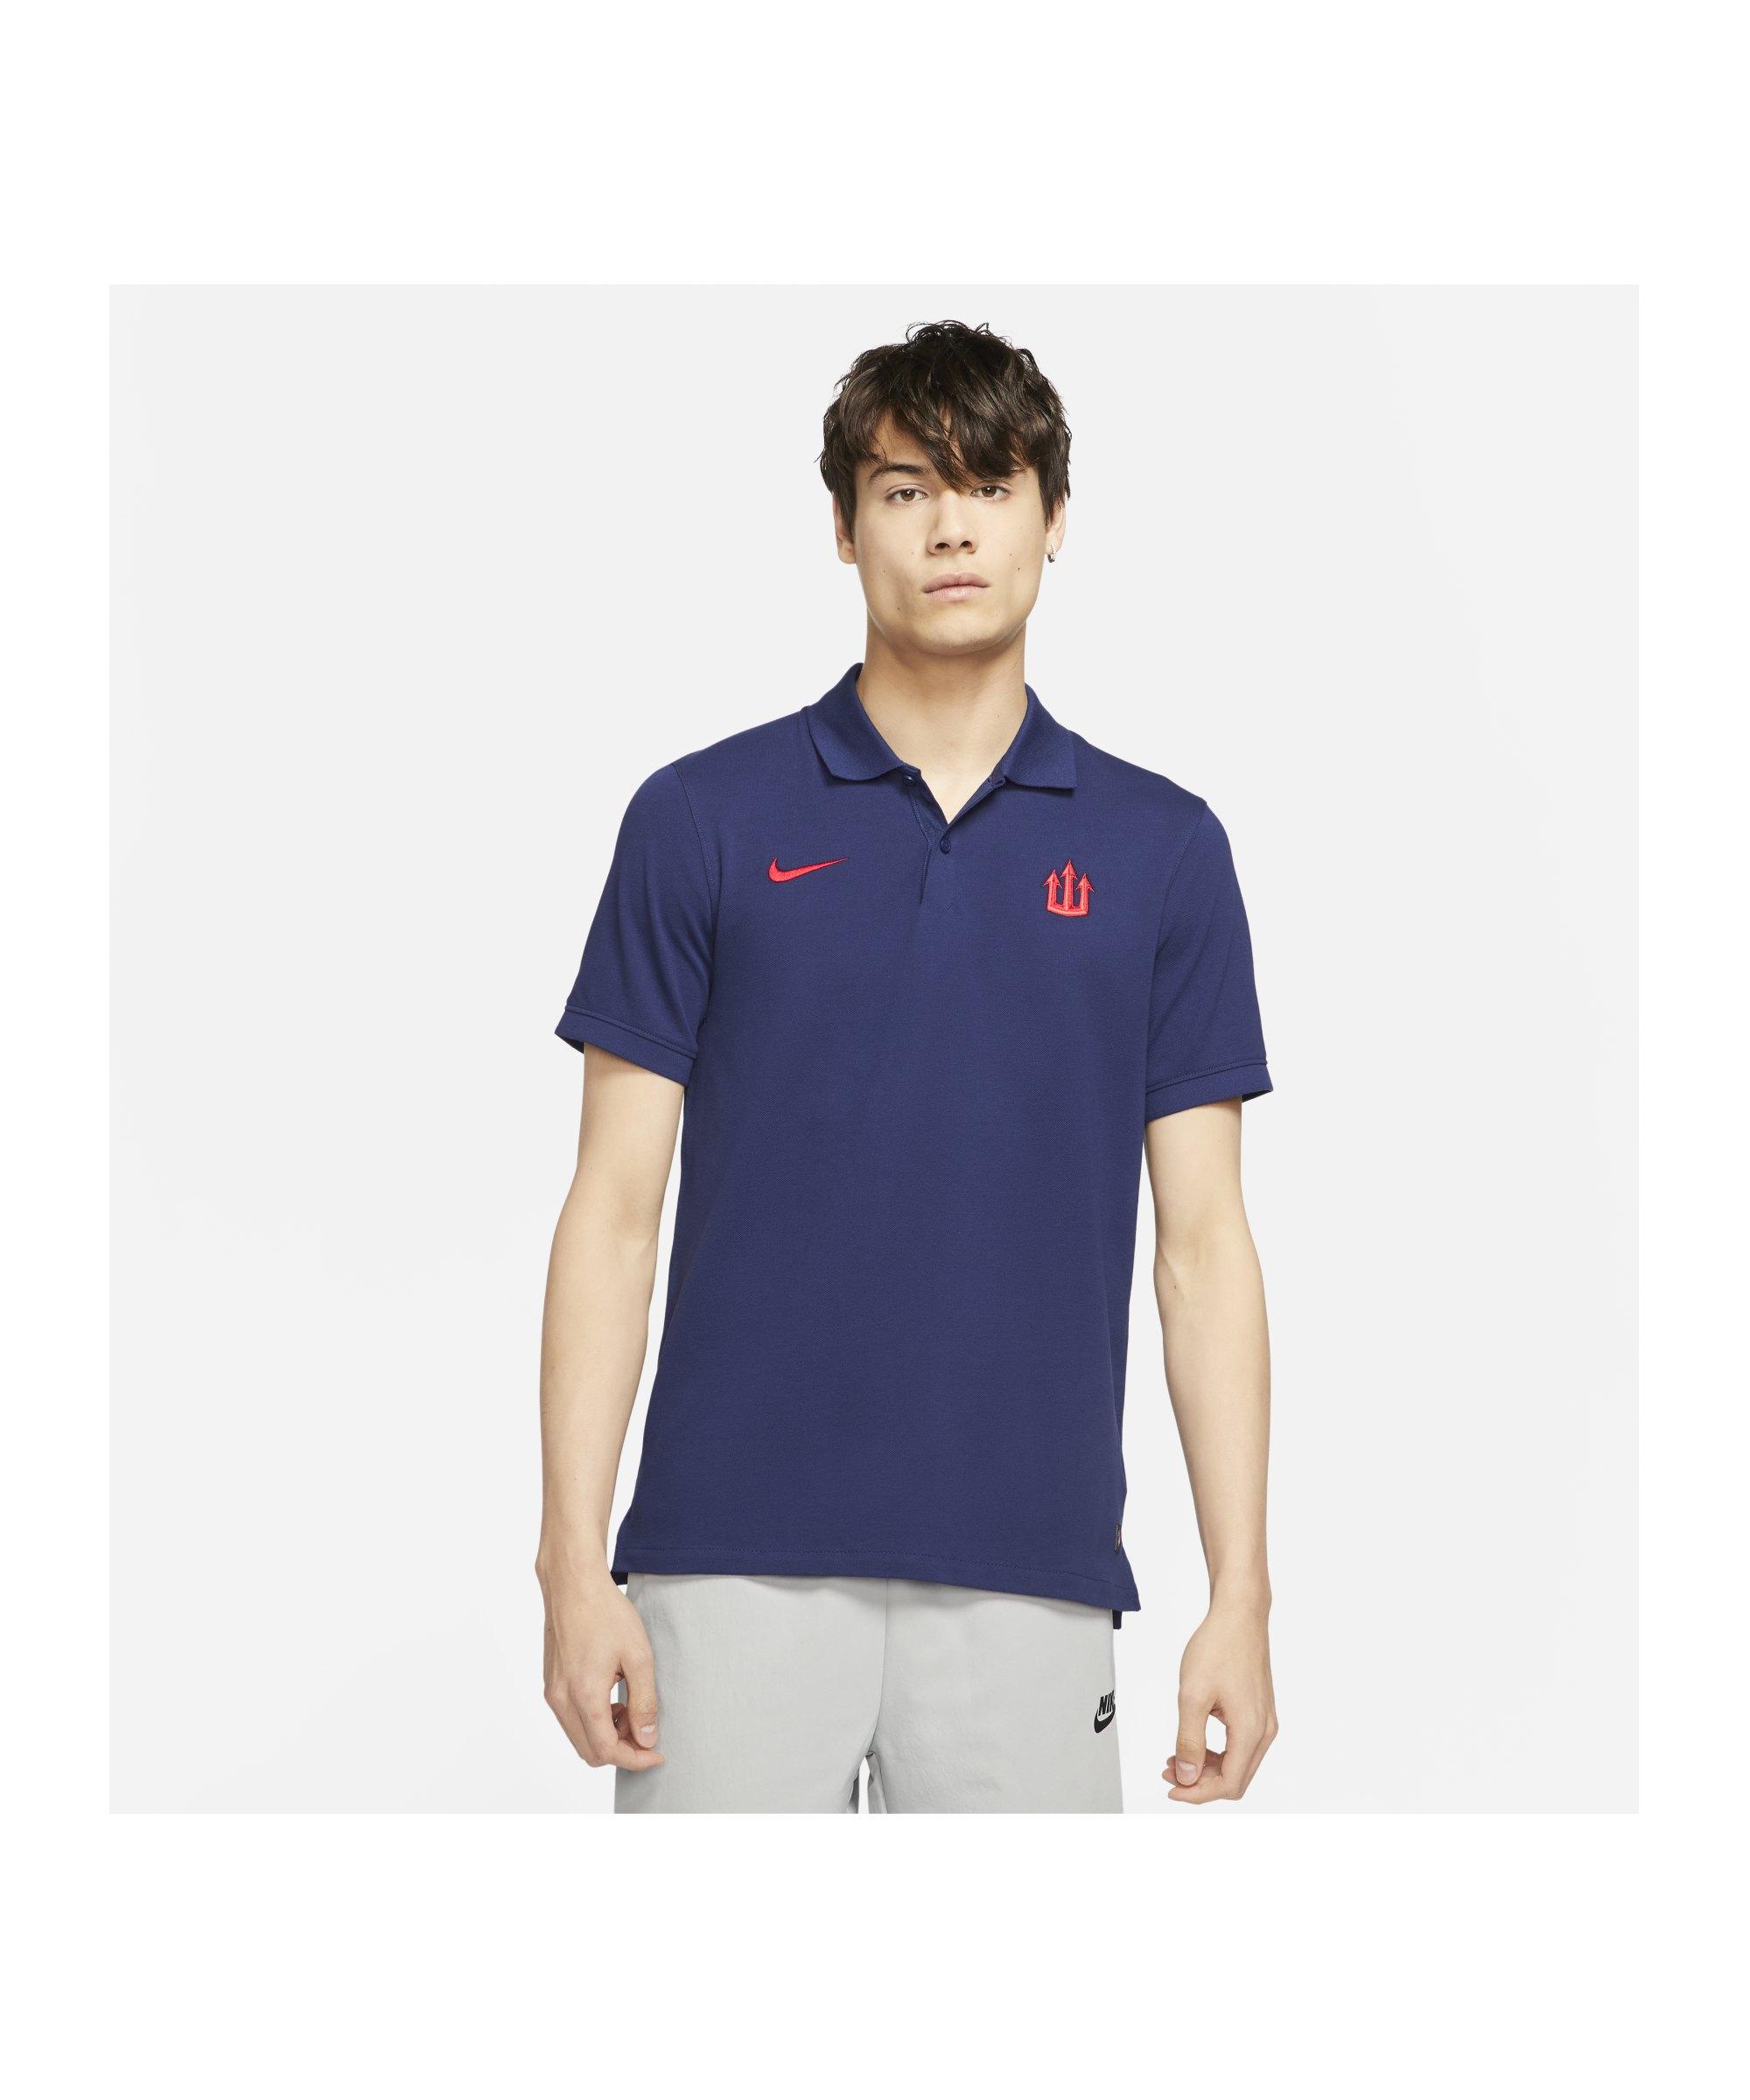 Nike Atletico Madrid Slim Poloshirt Blau F421 - blau